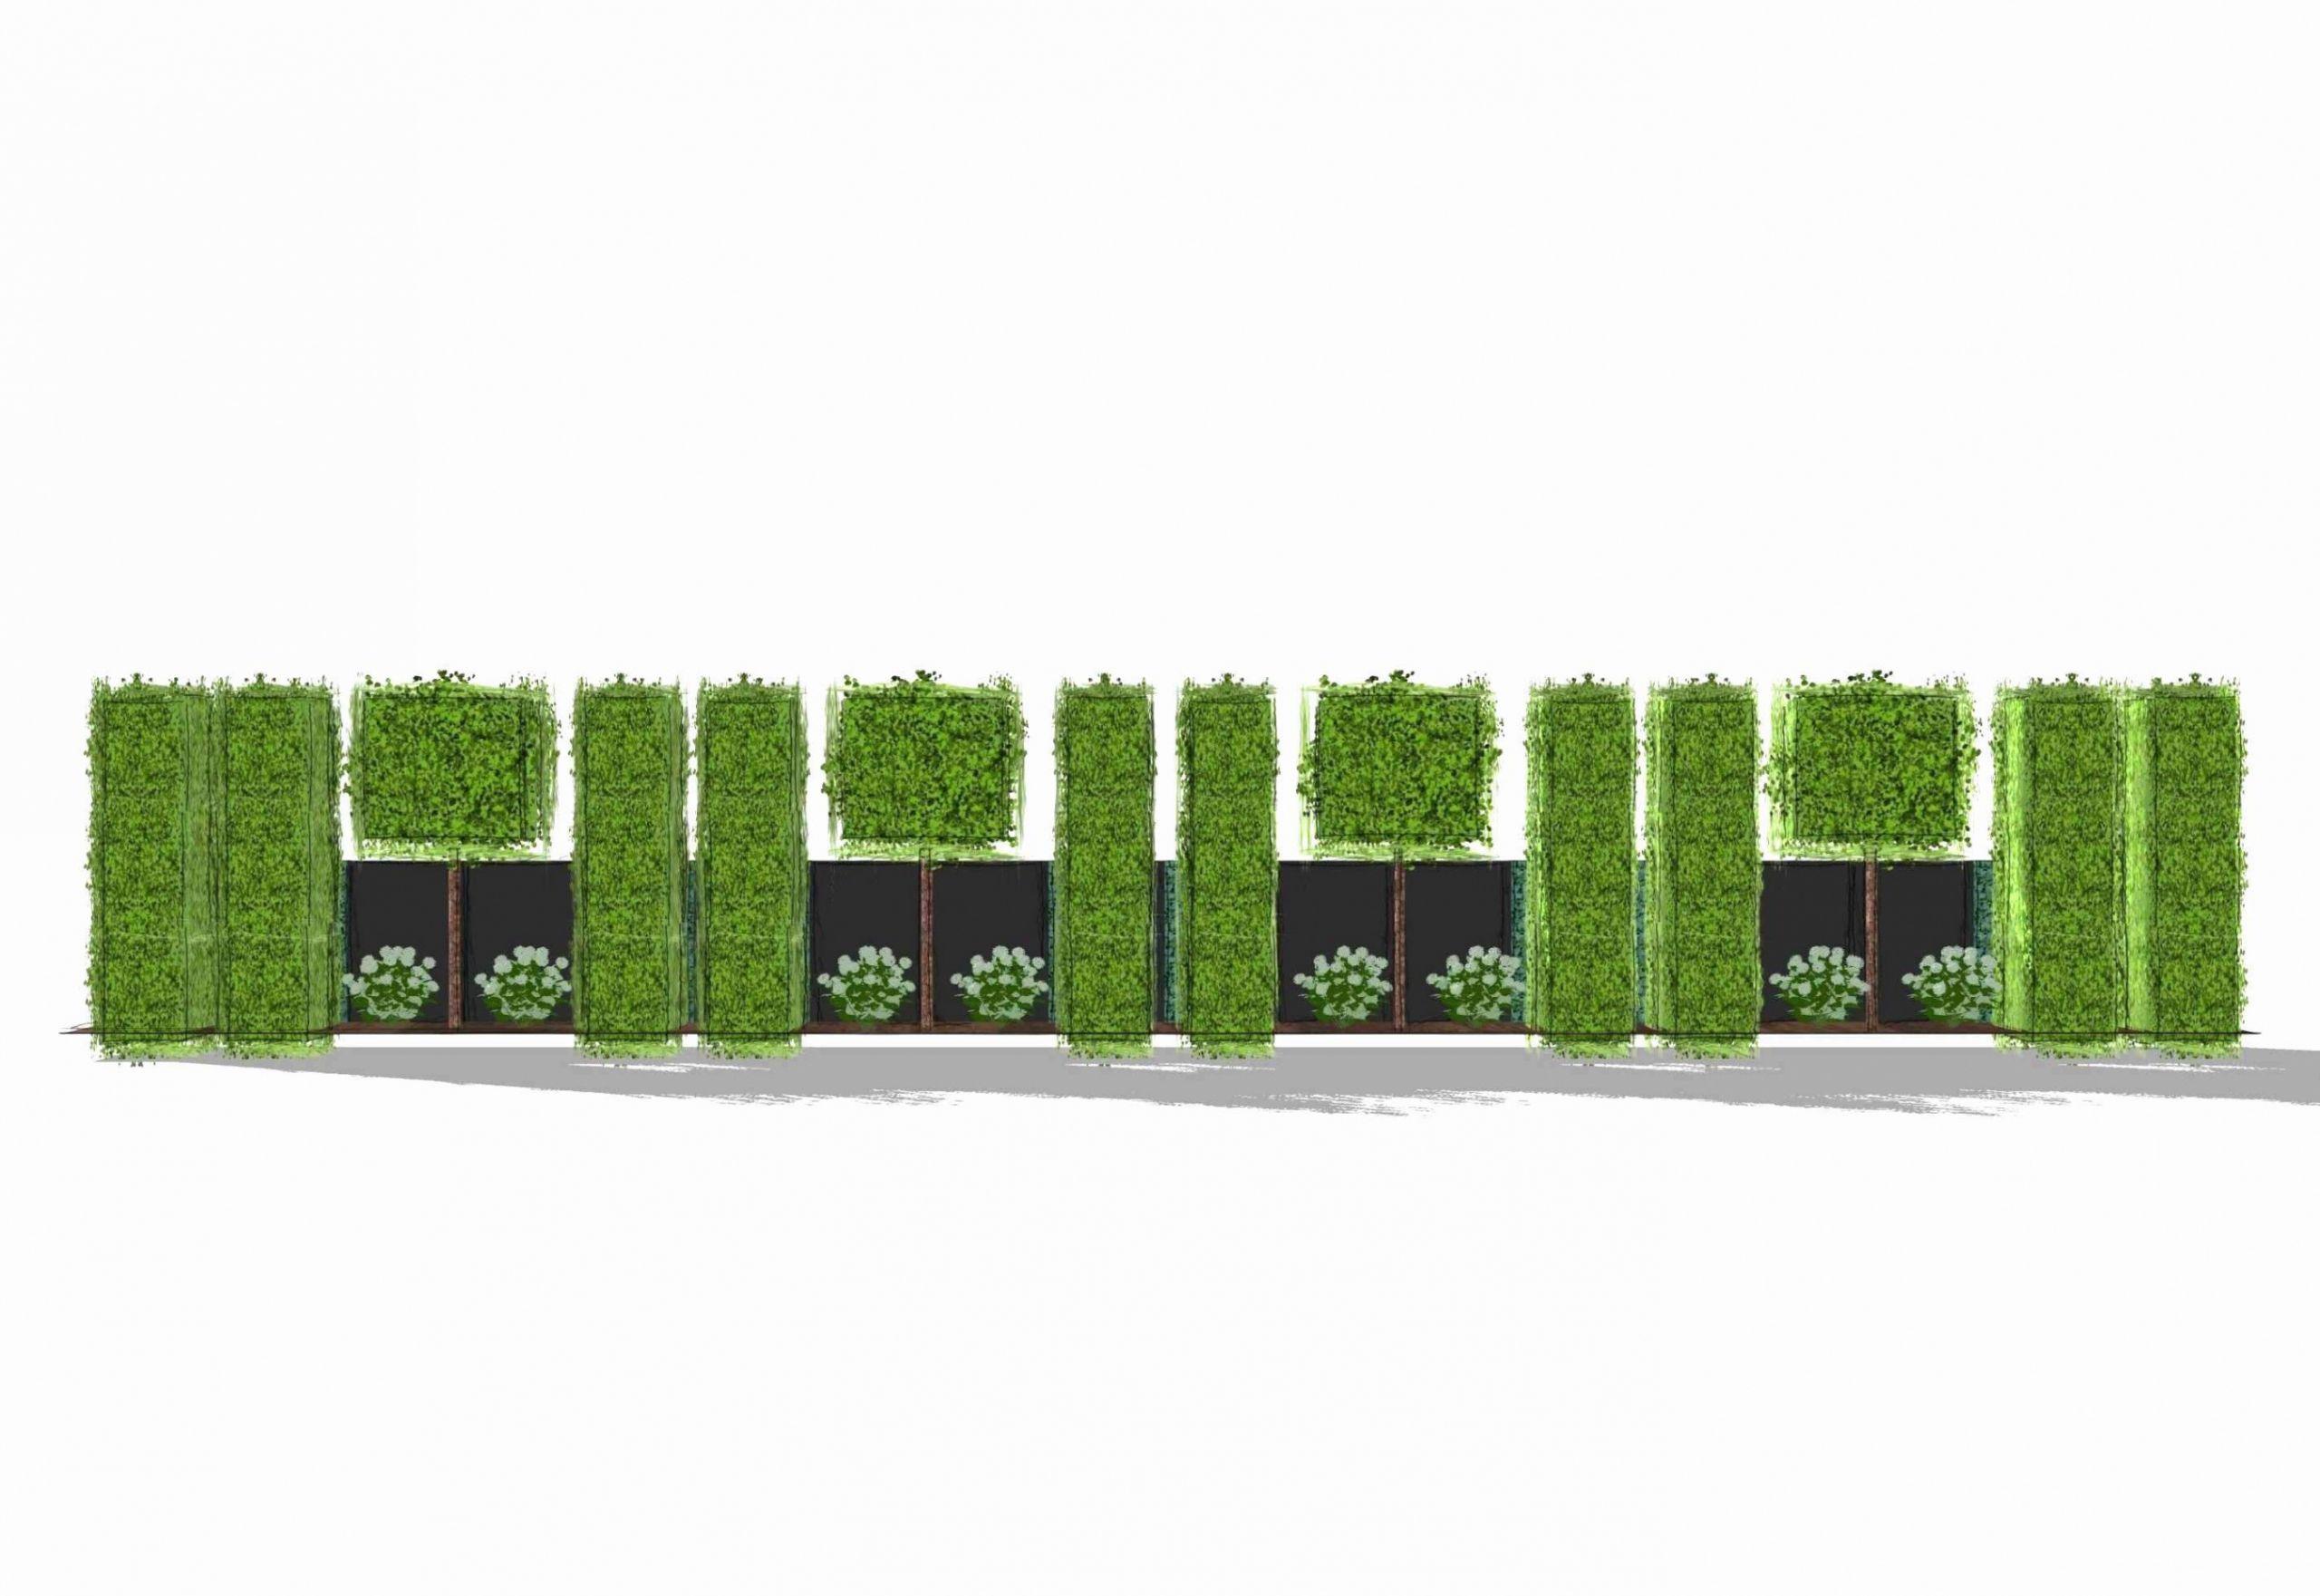 42 luxus bambus fur garten stock winterharte kubelpflanzen als sichtschutz winterharte kubelpflanzen als sichtschutz